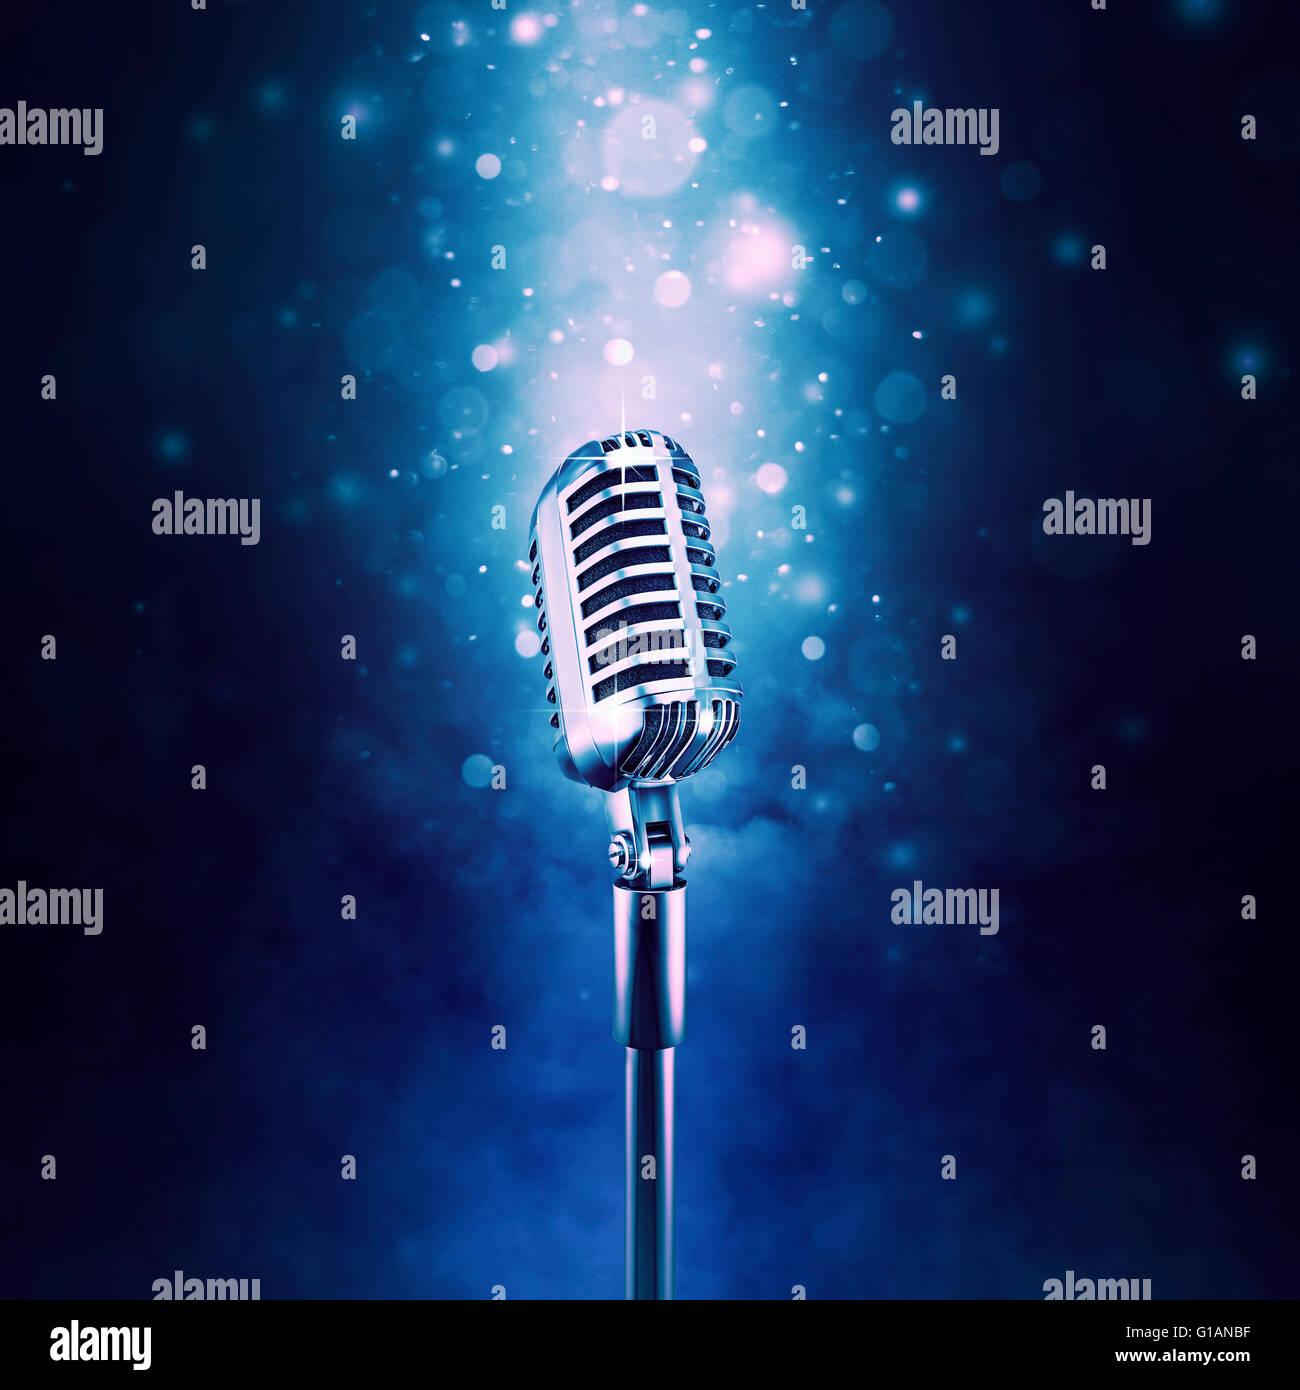 Microfono retrò evidenziato / 3D illustrazione di vecchio stile classico microfono sul vivace sfondo bokeh Immagini Stock